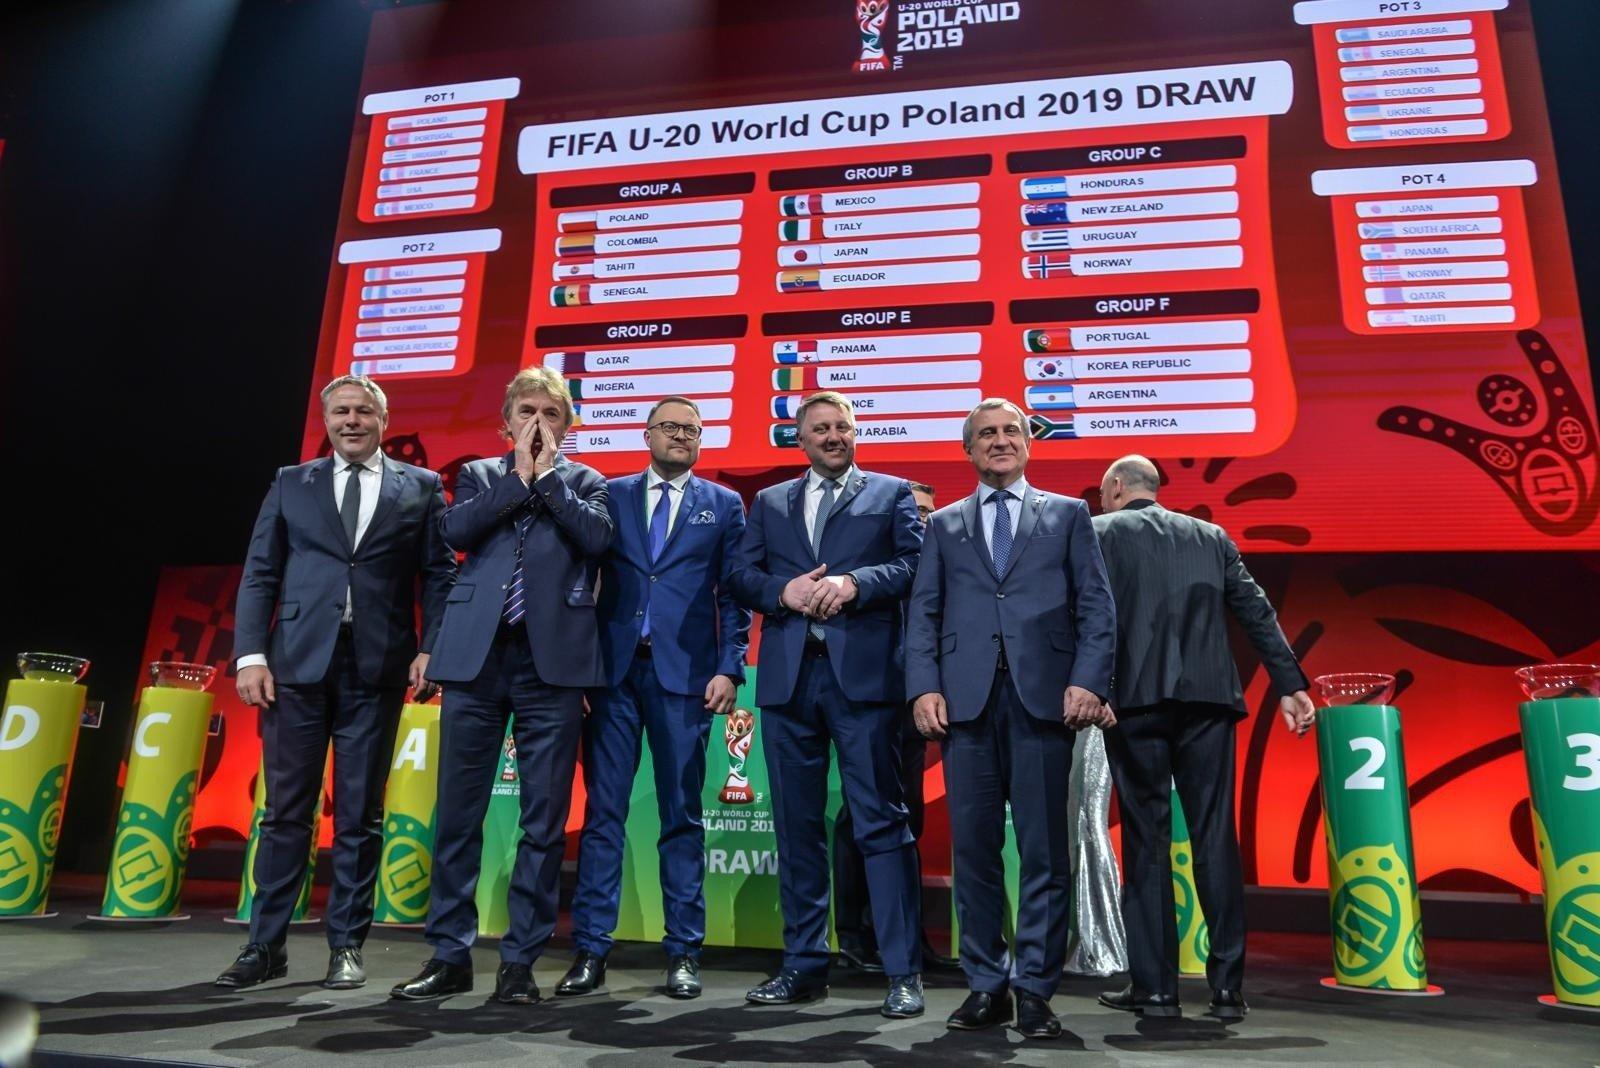 07fd16b86 Piłka nożna. Mistrzostwa świata U-20. 23.05-15.06.2019. Ukraina została  mistrzem świata. Program mundialu [terminarz, program, wyniki]